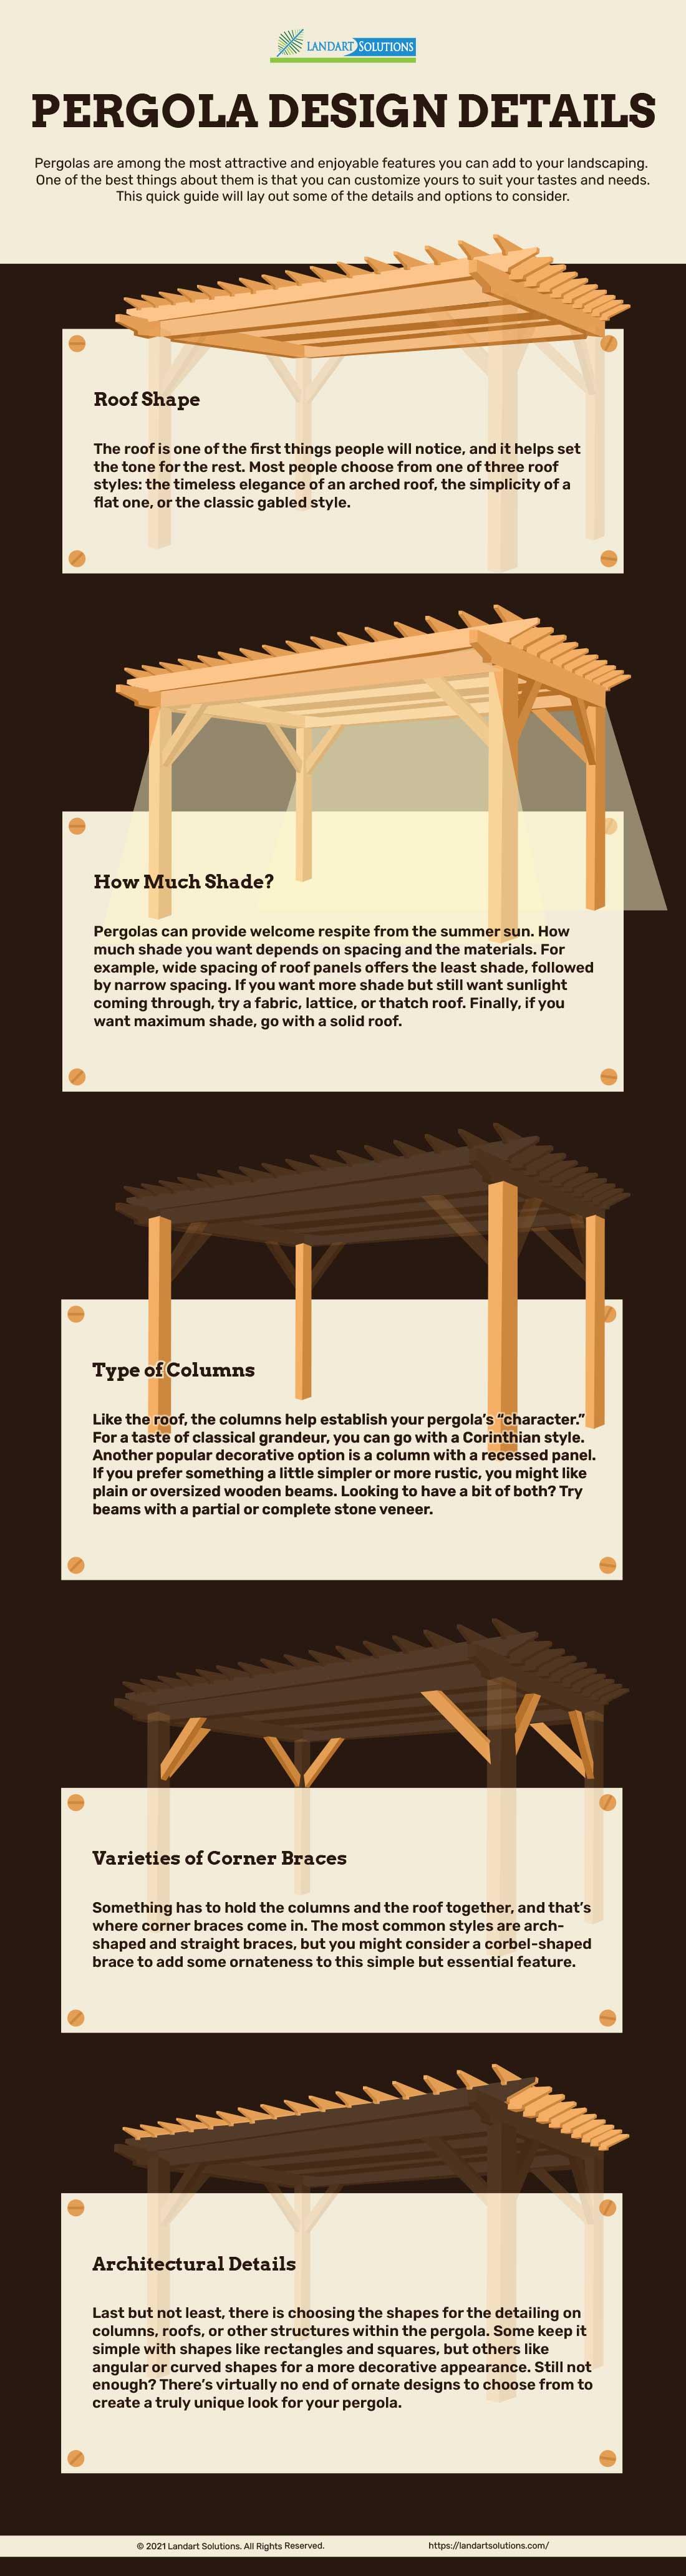 Pergola Design Details Infographic